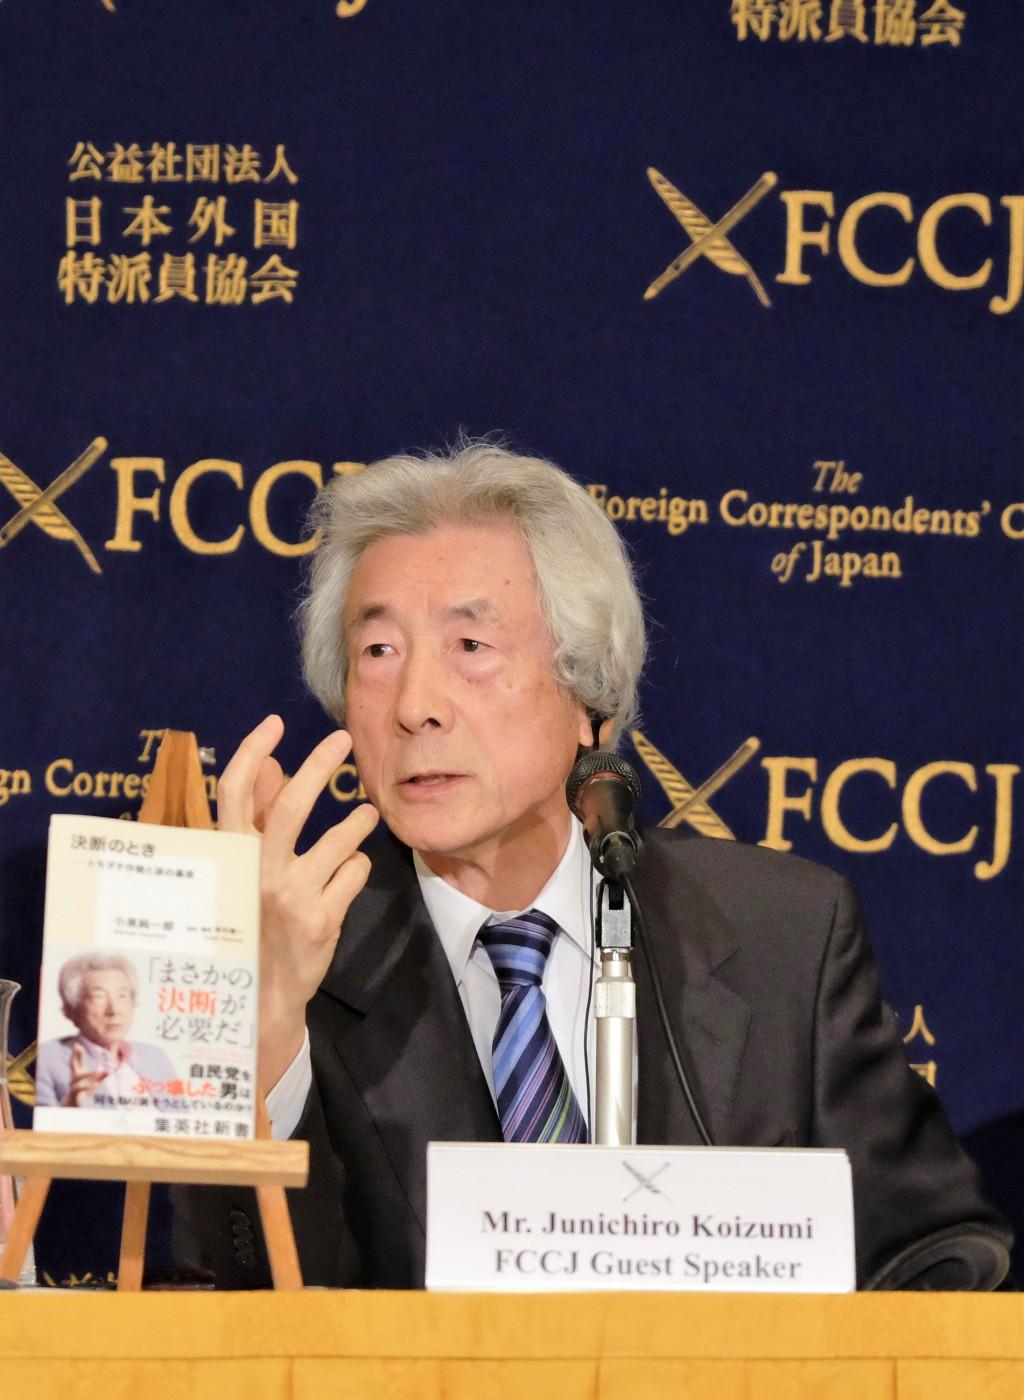 日本前首相小泉純一郎(中央社)